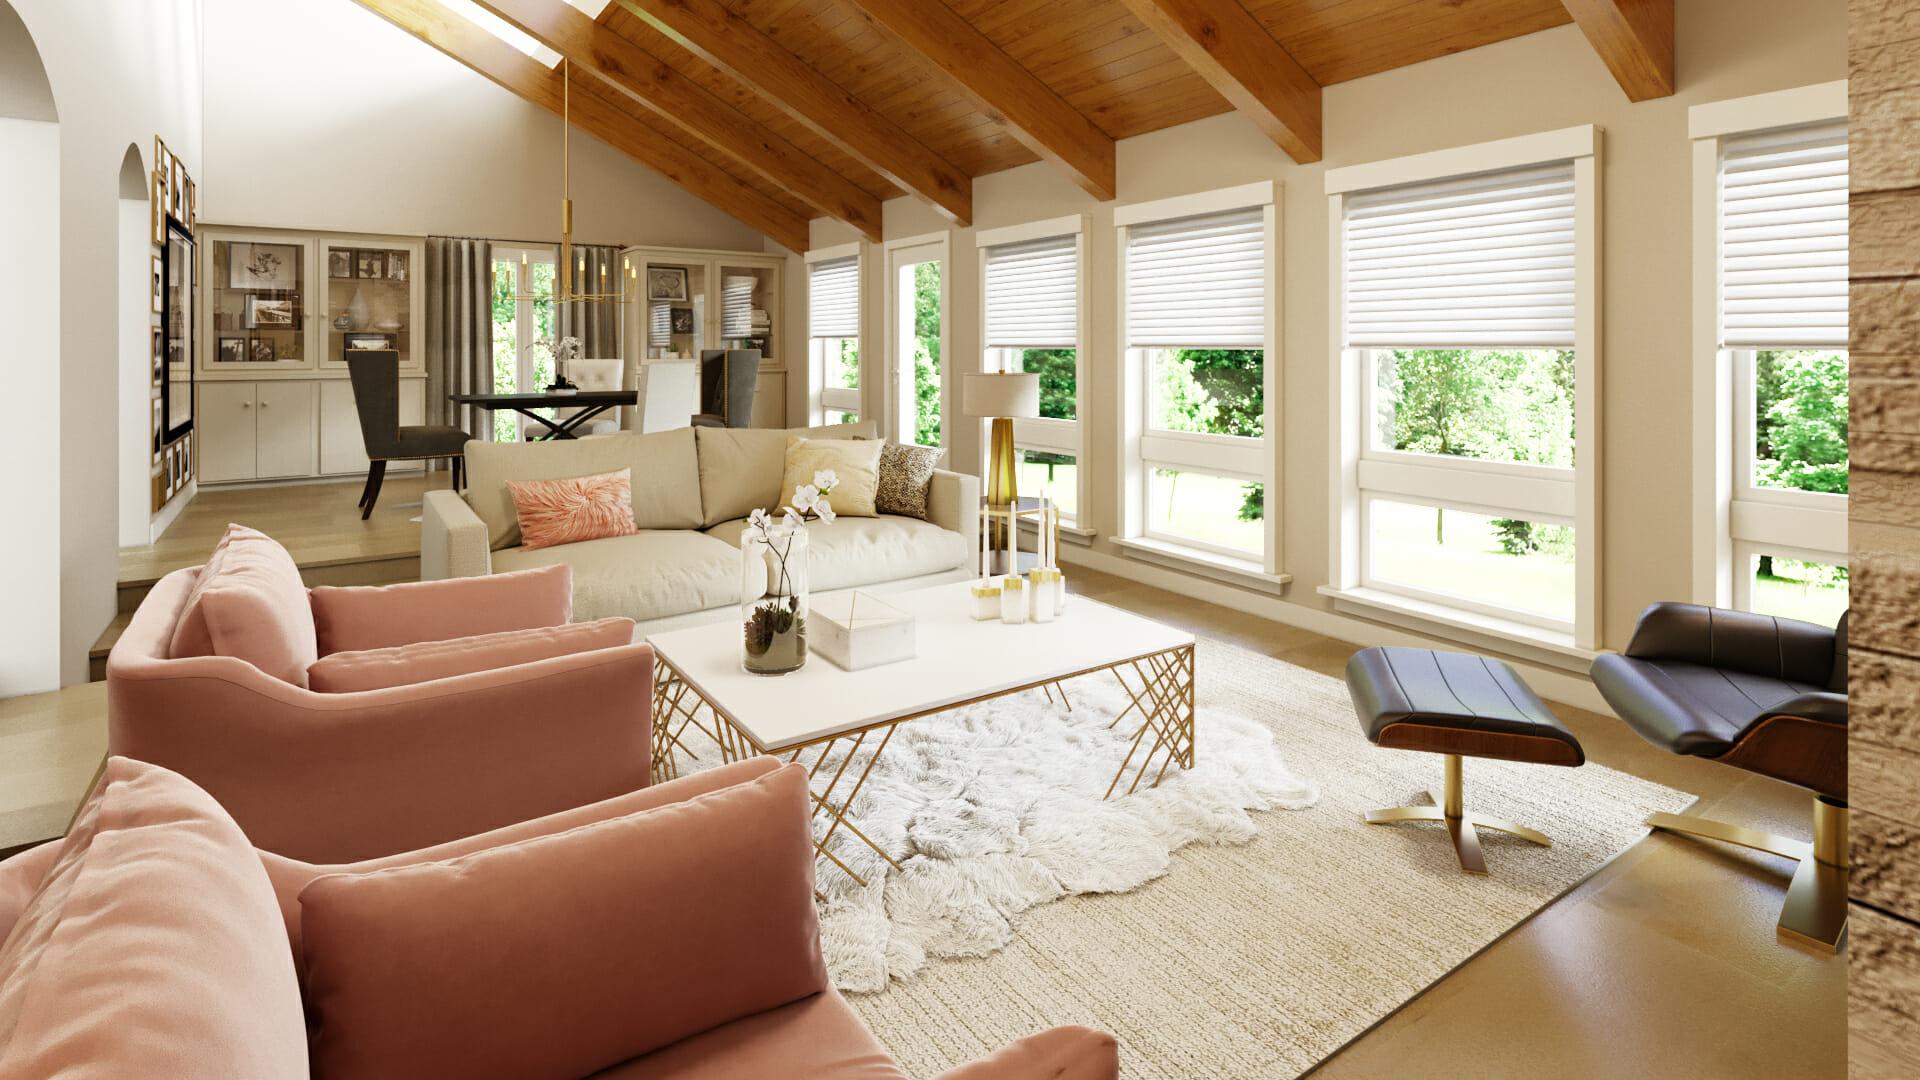 rustic interior design trends